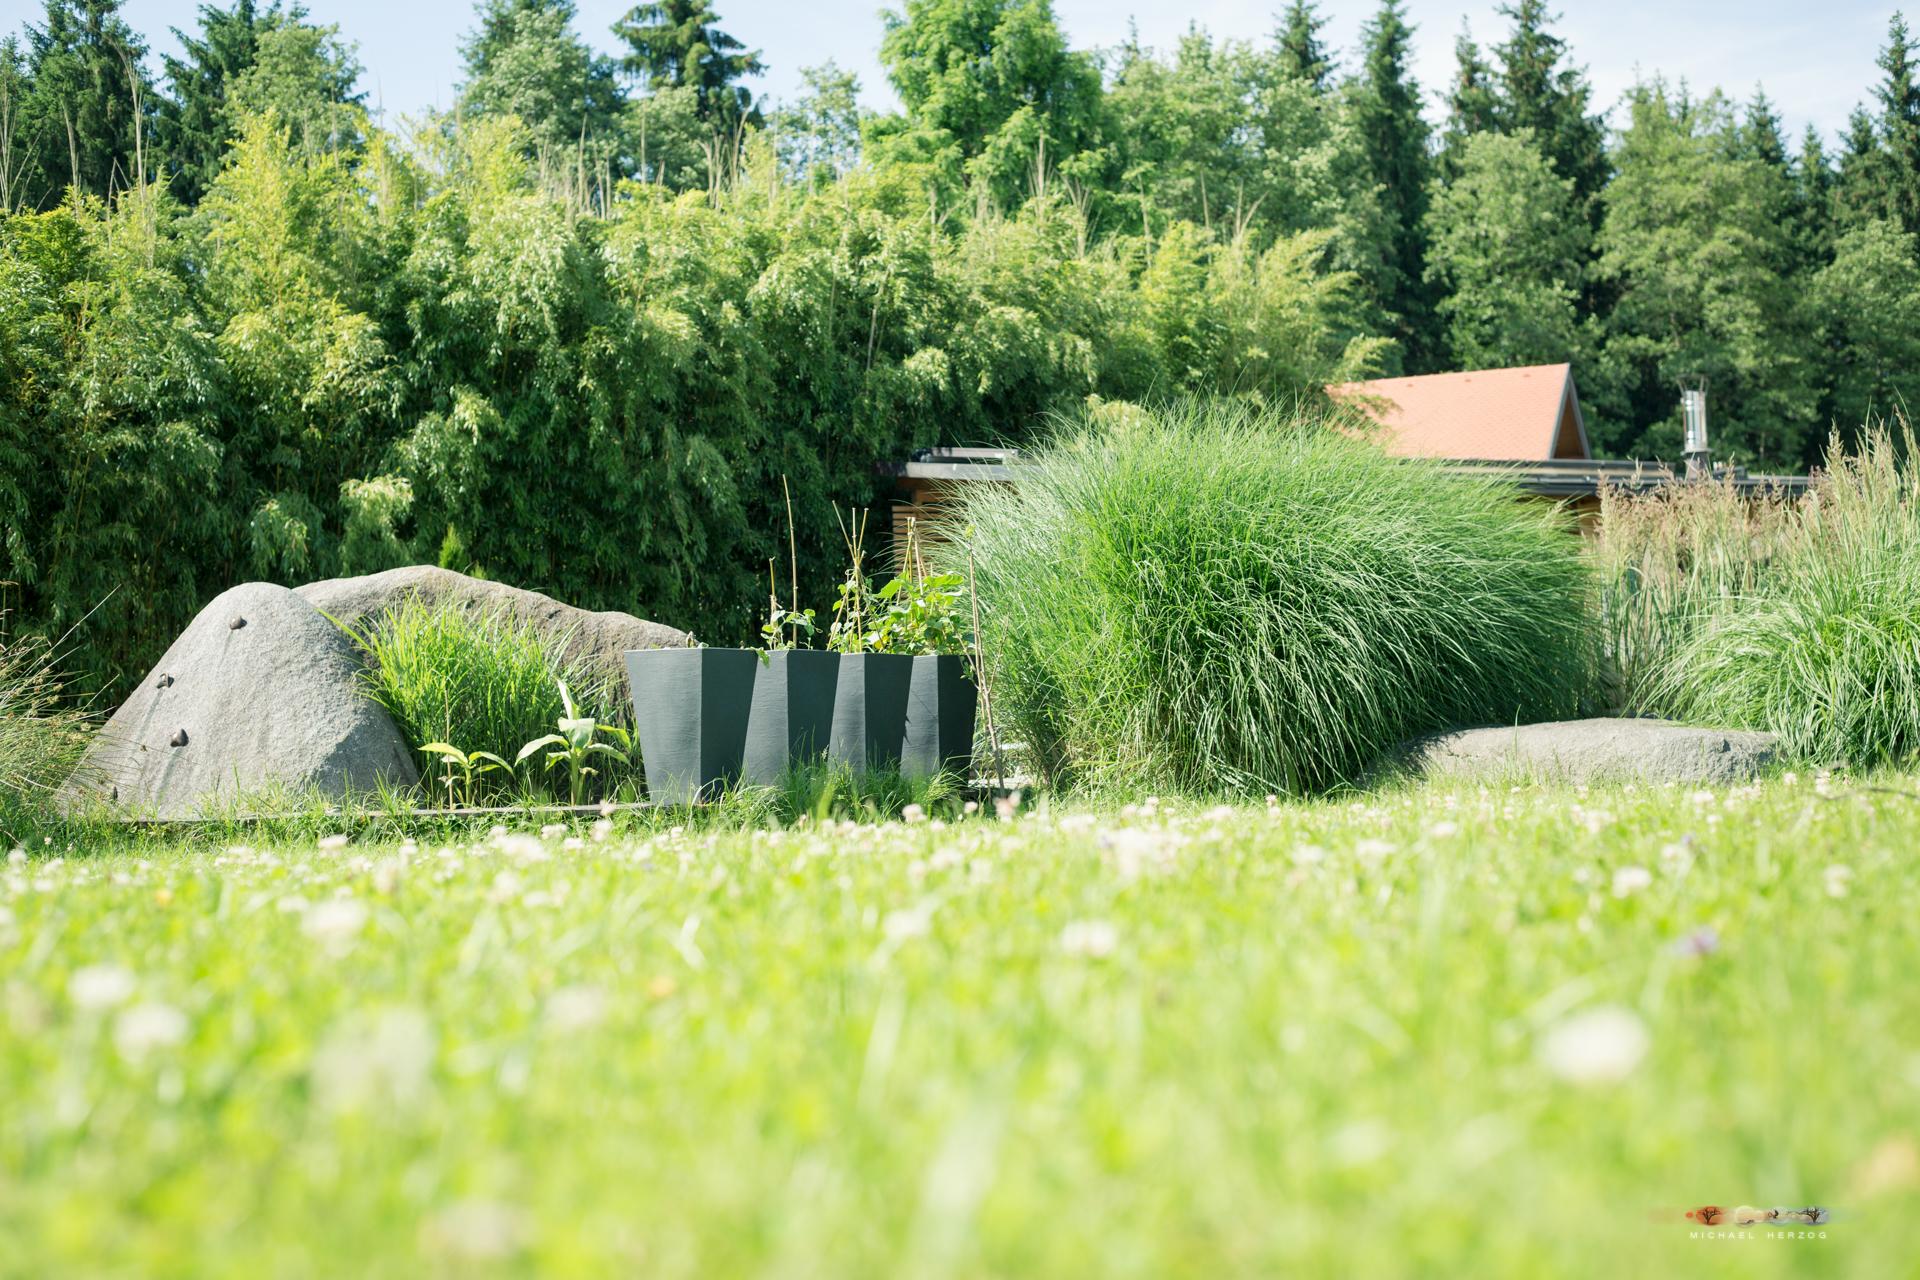 Garten_MichaelHerzog-1465.jpg